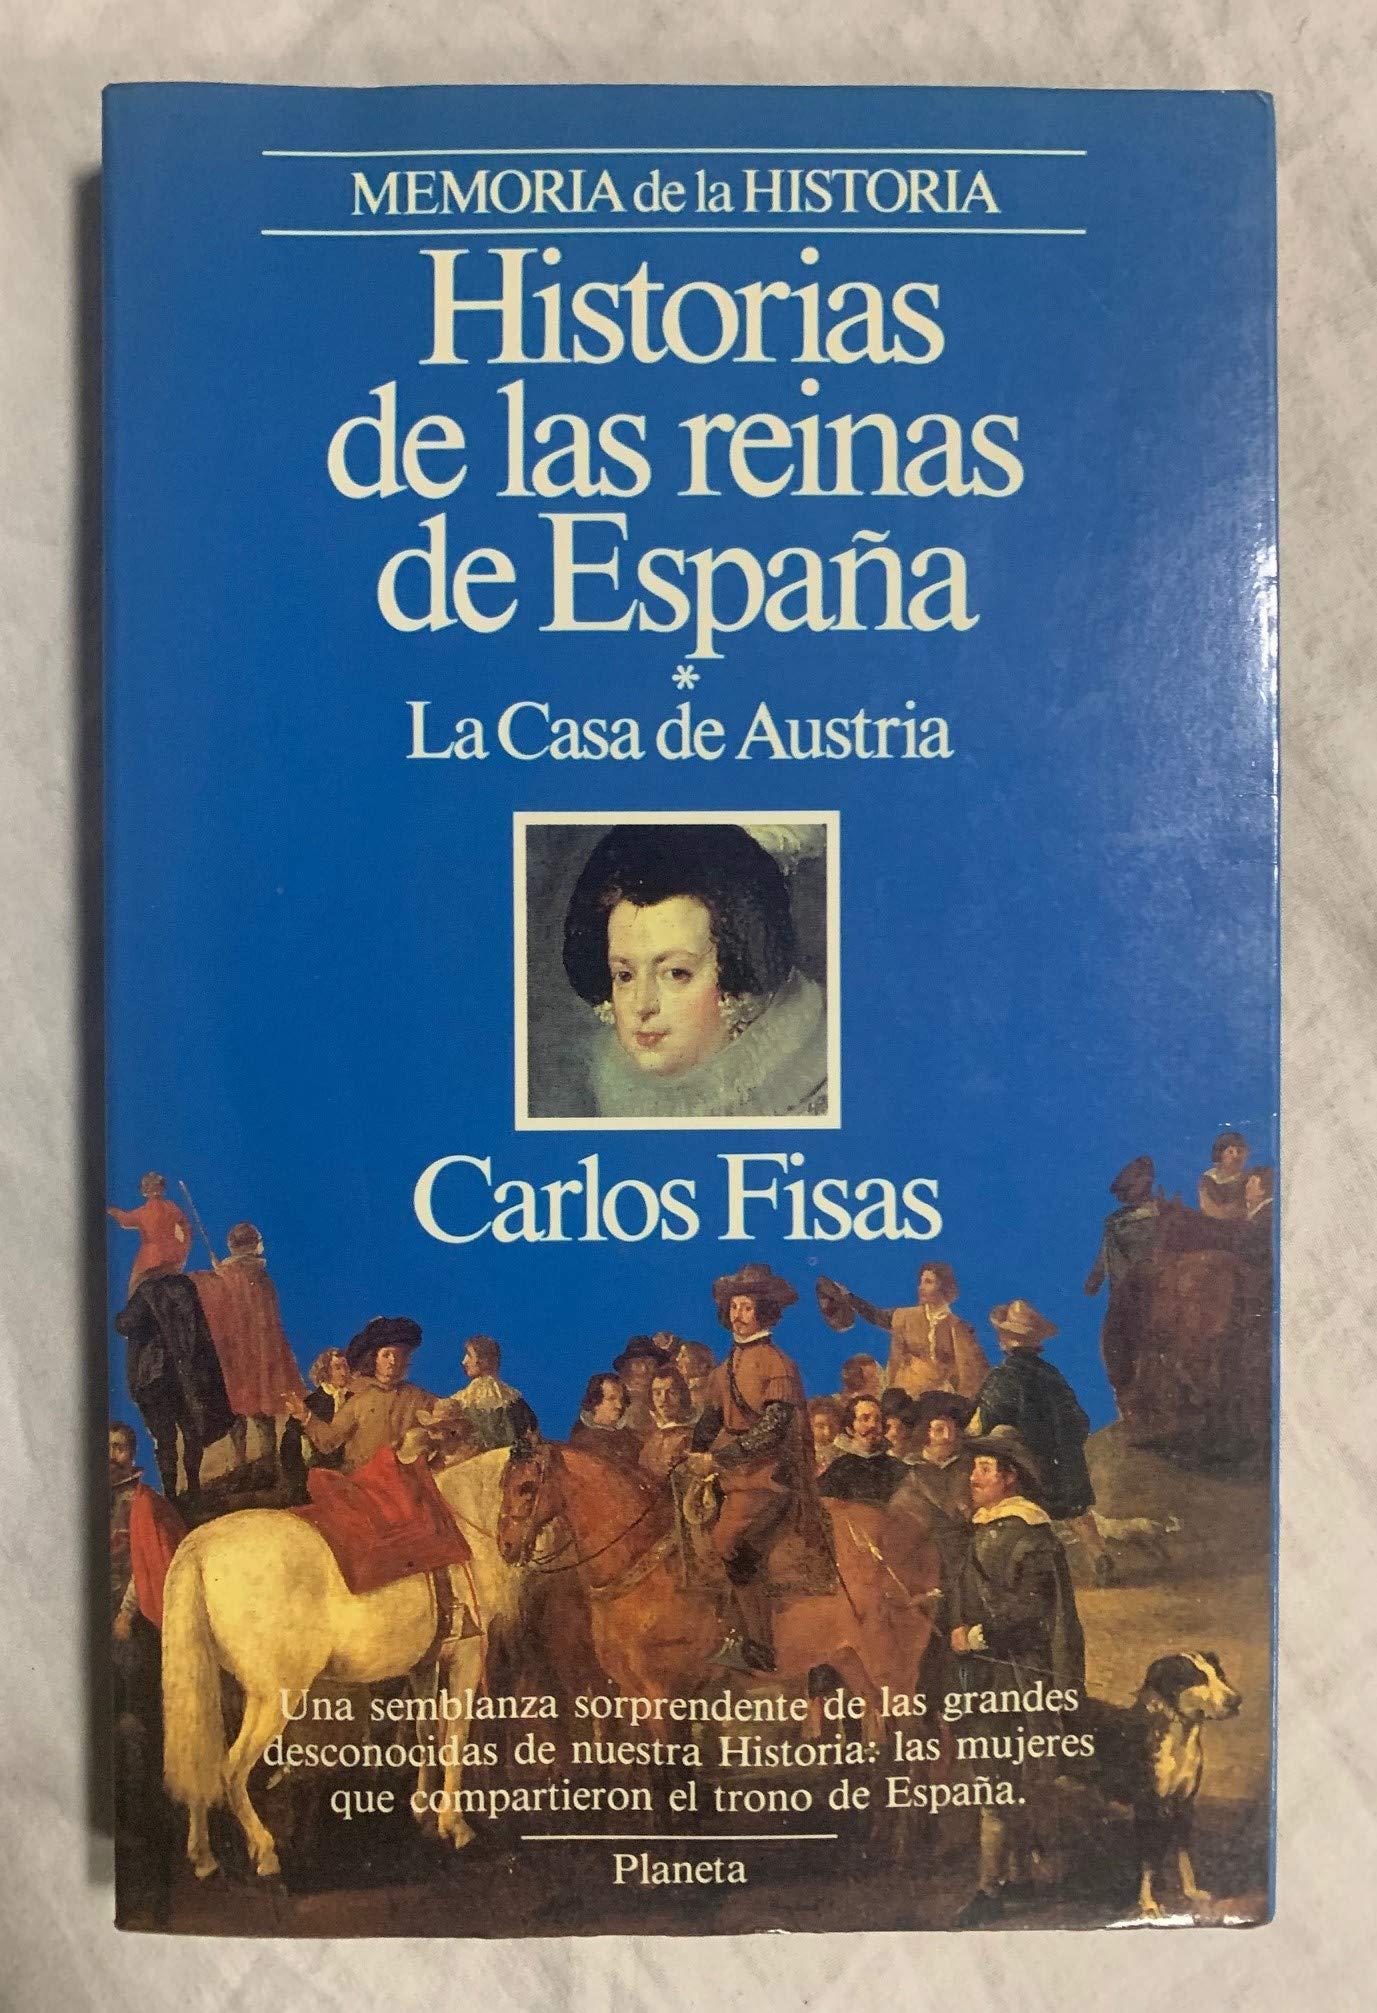 HISTORIAS DE LAS REINAS DE ESPAÑA. La Casa de Austria.: Amazon.es: FISAS, CARLOS, FISAS, CARLOS, FISAS, CARLOS: Libros